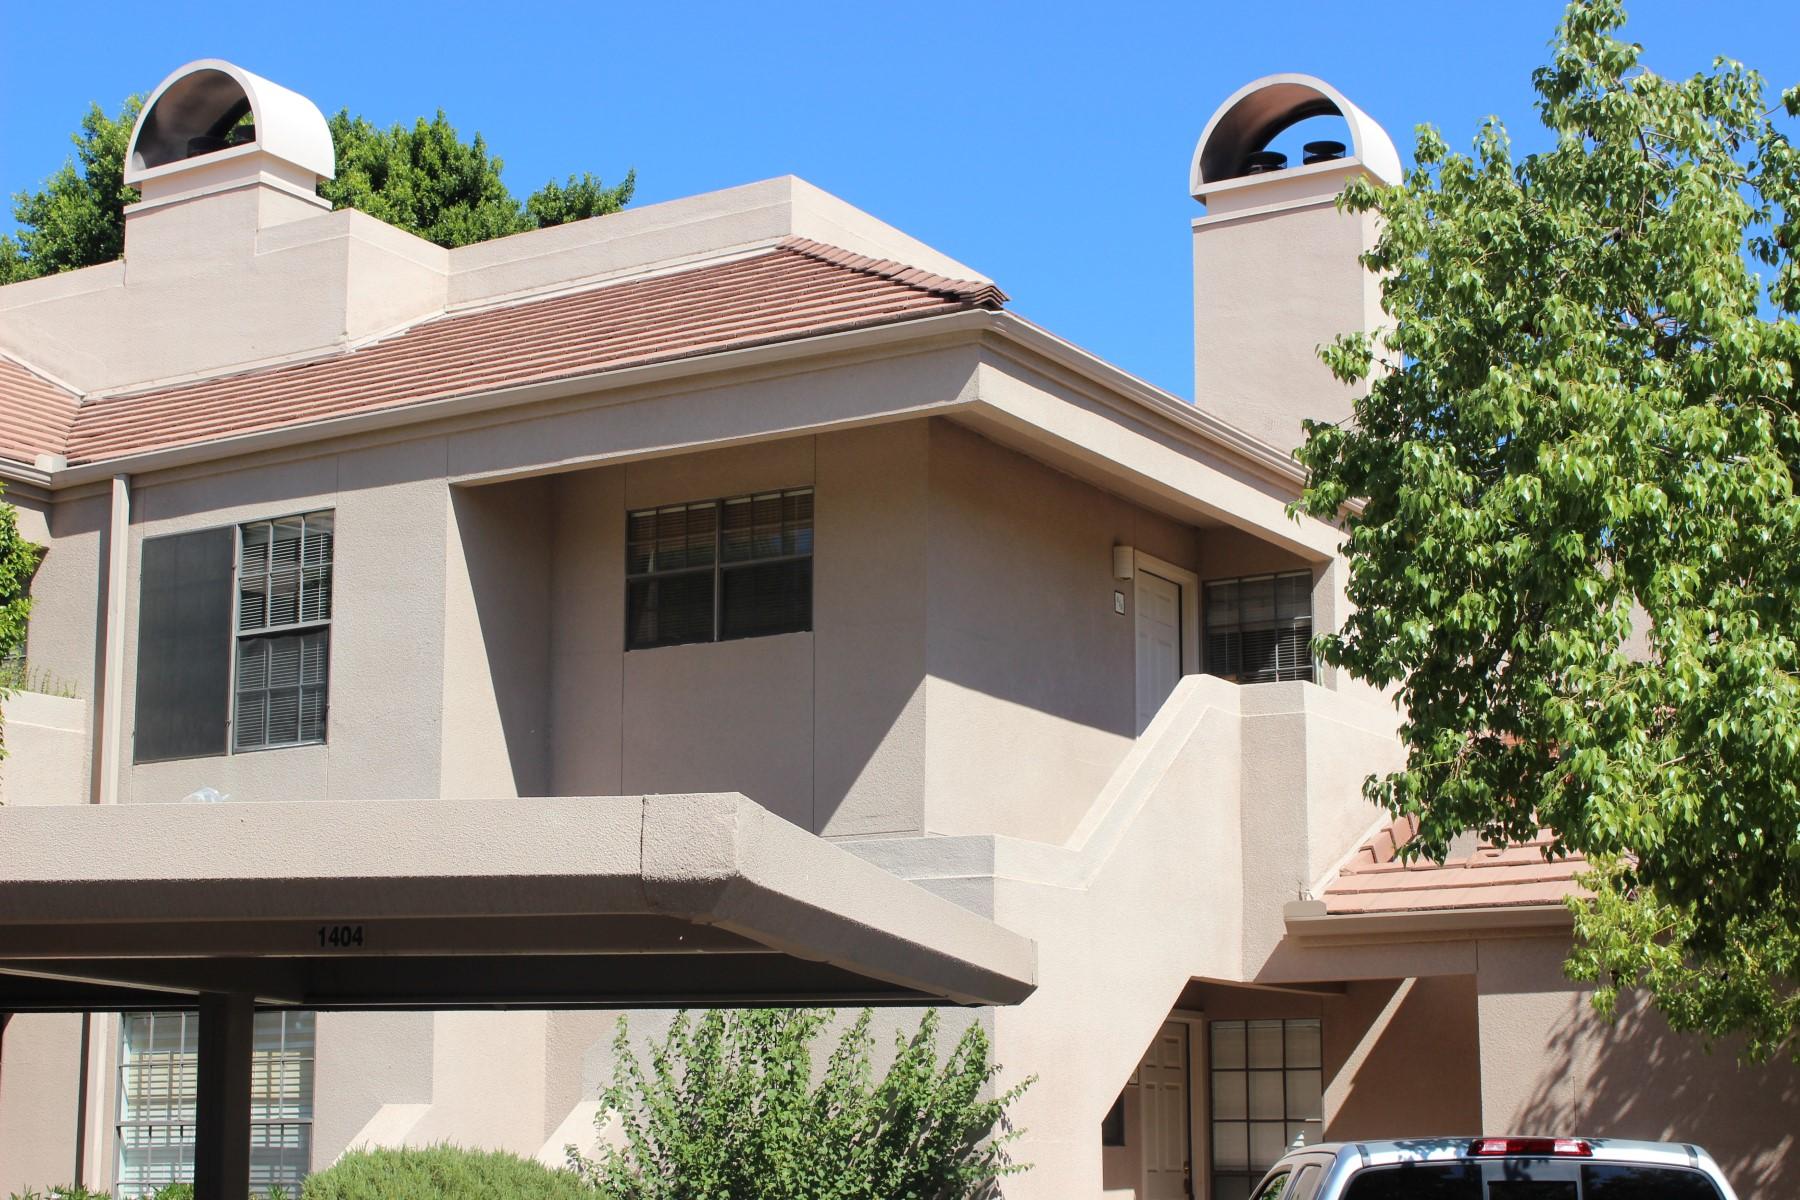 Wohnung für Verkauf beim Highly desirable convenient Scottsdale location 5950 N 78th St 213 Scottsdale, Arizona 85250 Vereinigte Staaten